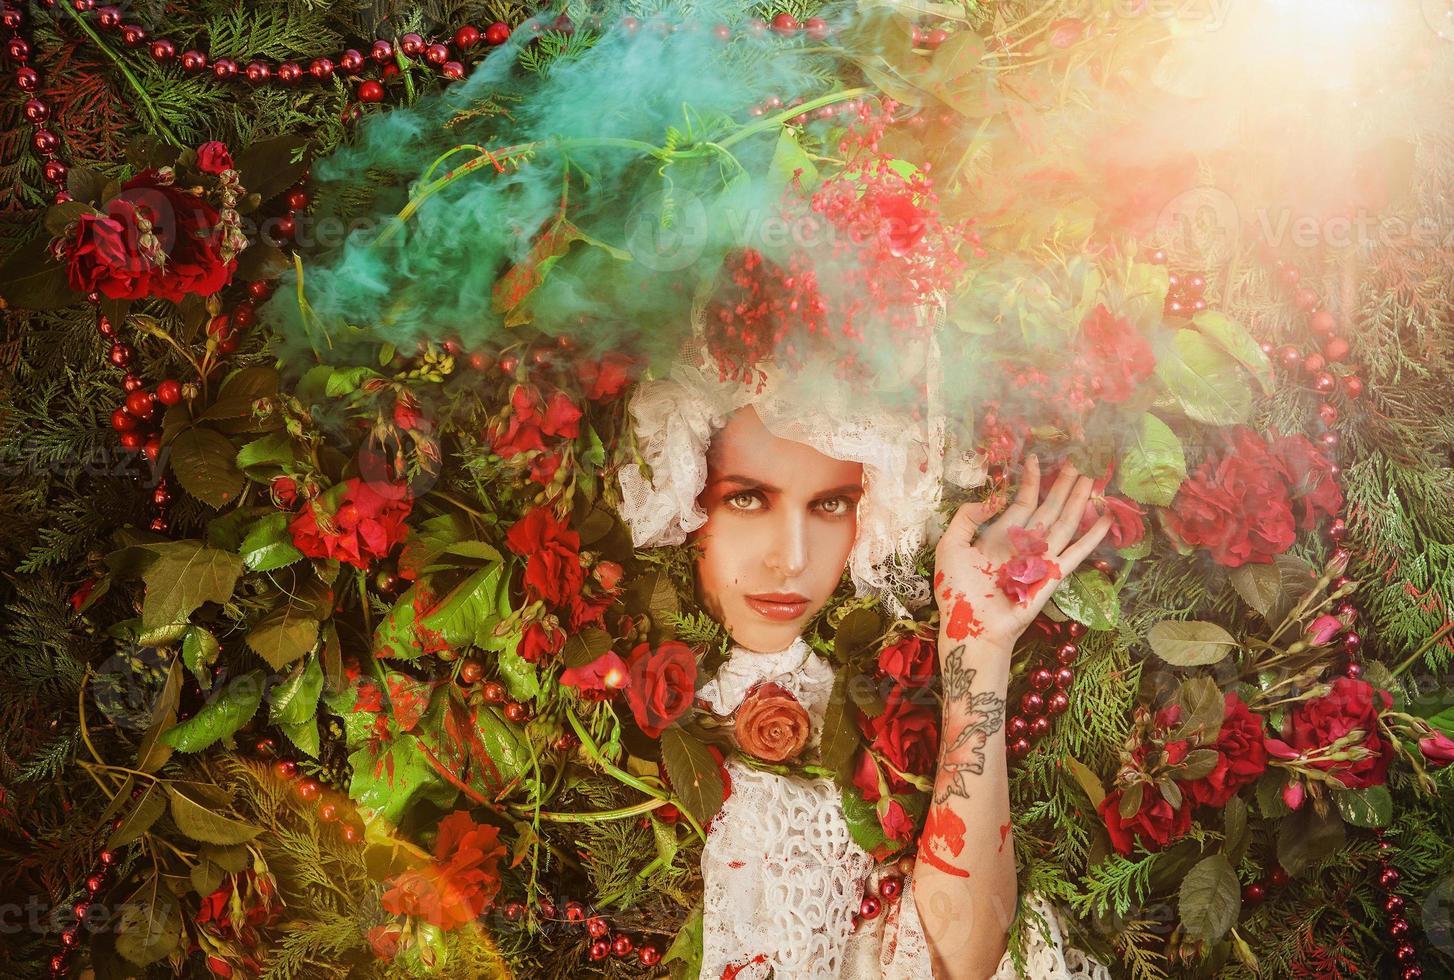 Märchenmädchenporträt umgeben von natürlichen Pflanzen und Blumen. foto